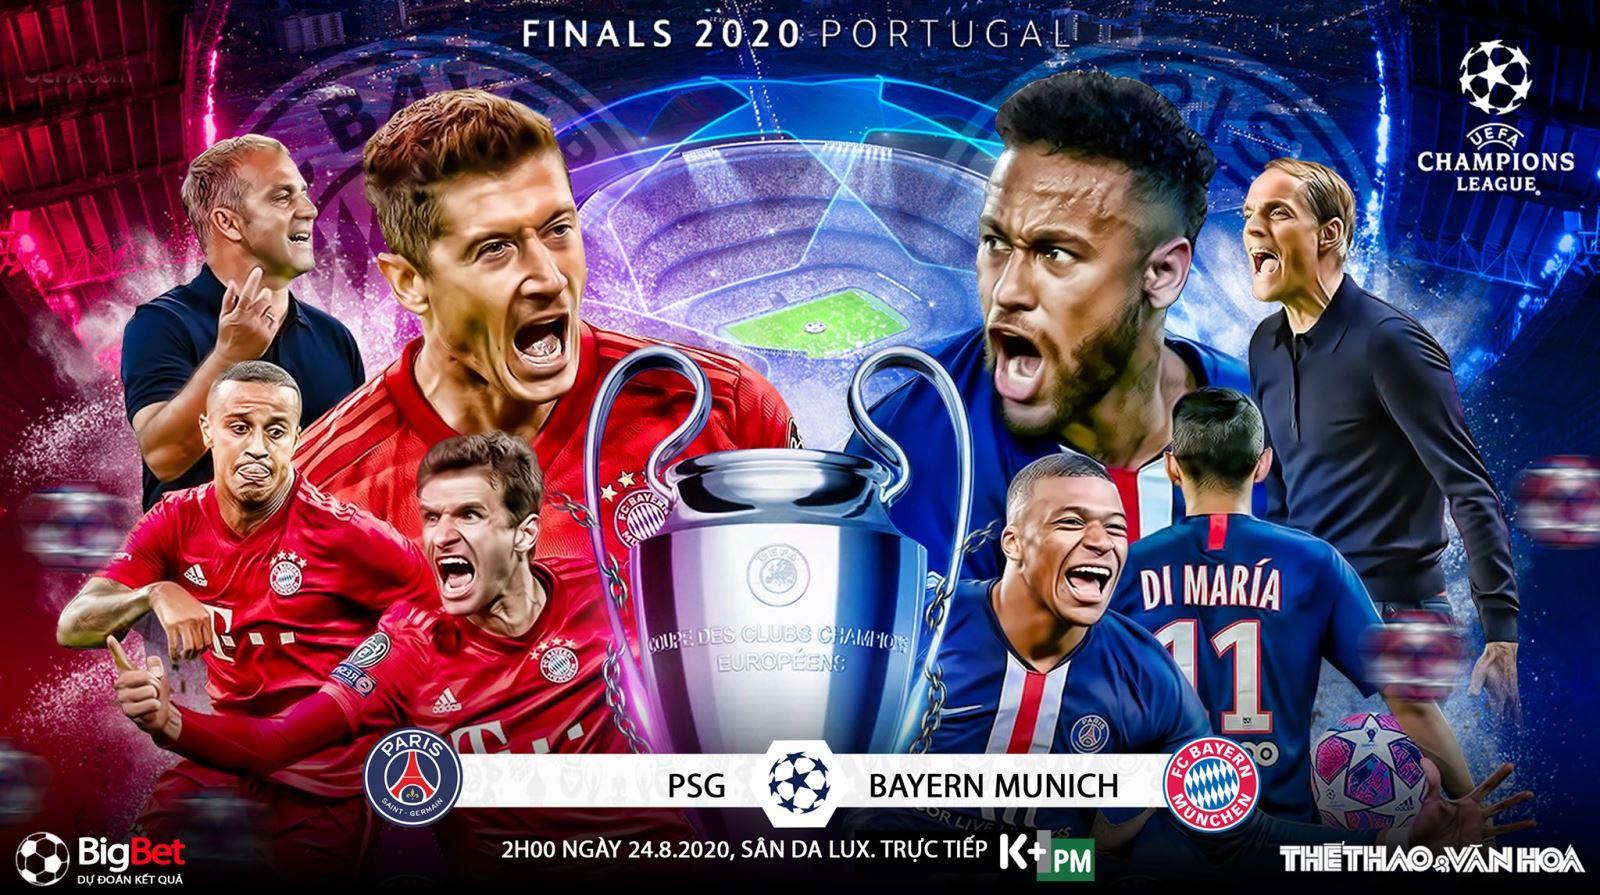 PSG 0-1 Bayern Munich: Coman giúp Bayern lần thứ 6 vô địch Champions League